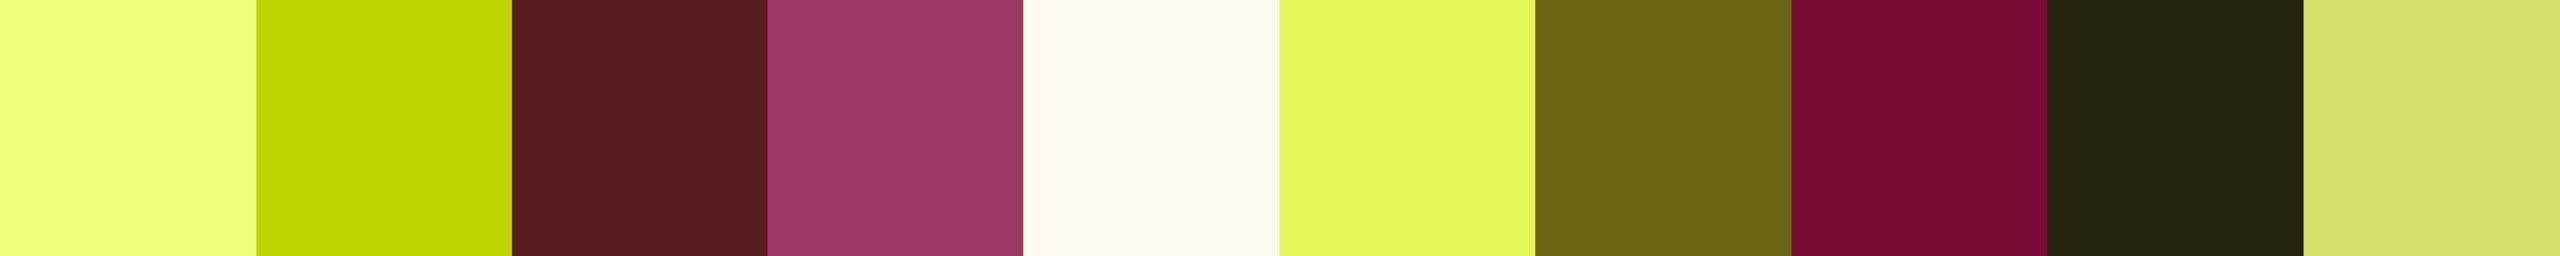 486 Graloira Color Palette